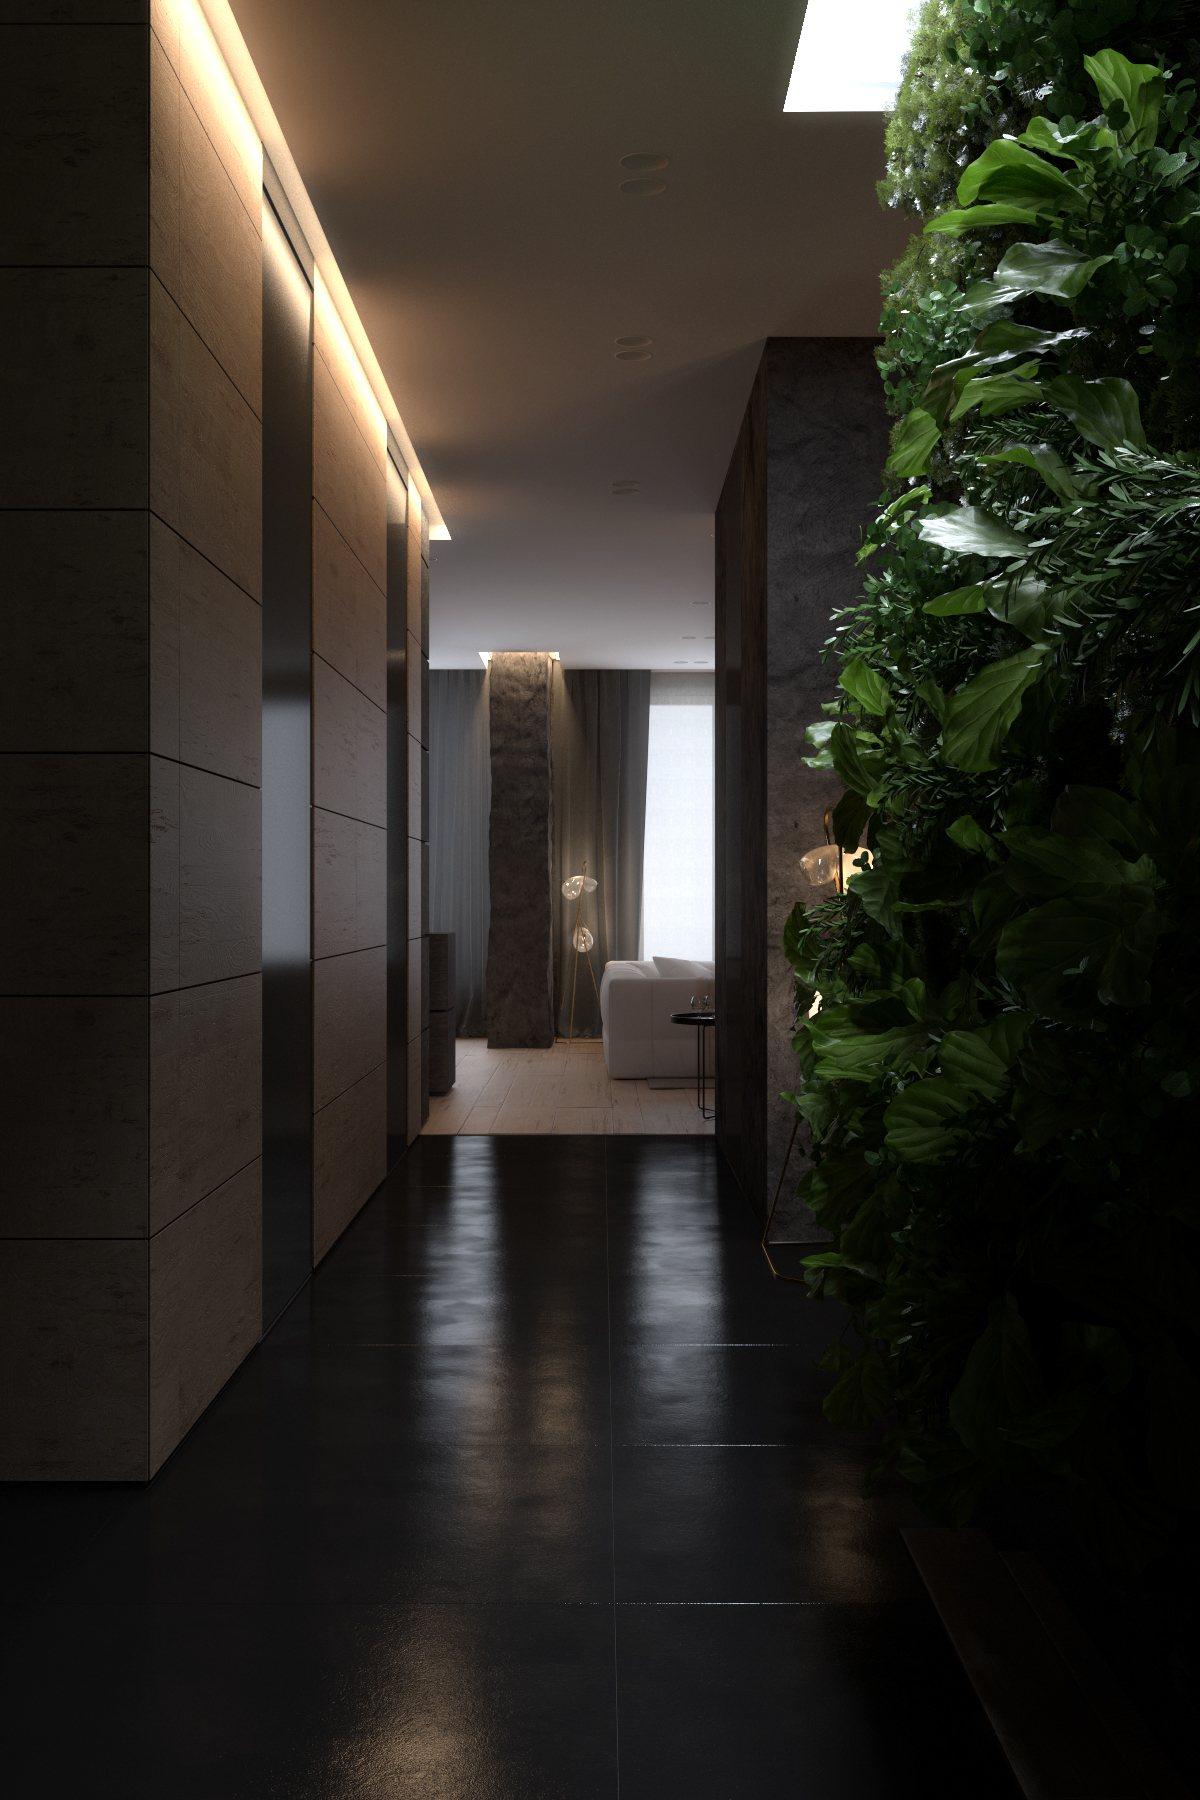 Hallway design with dark interior style